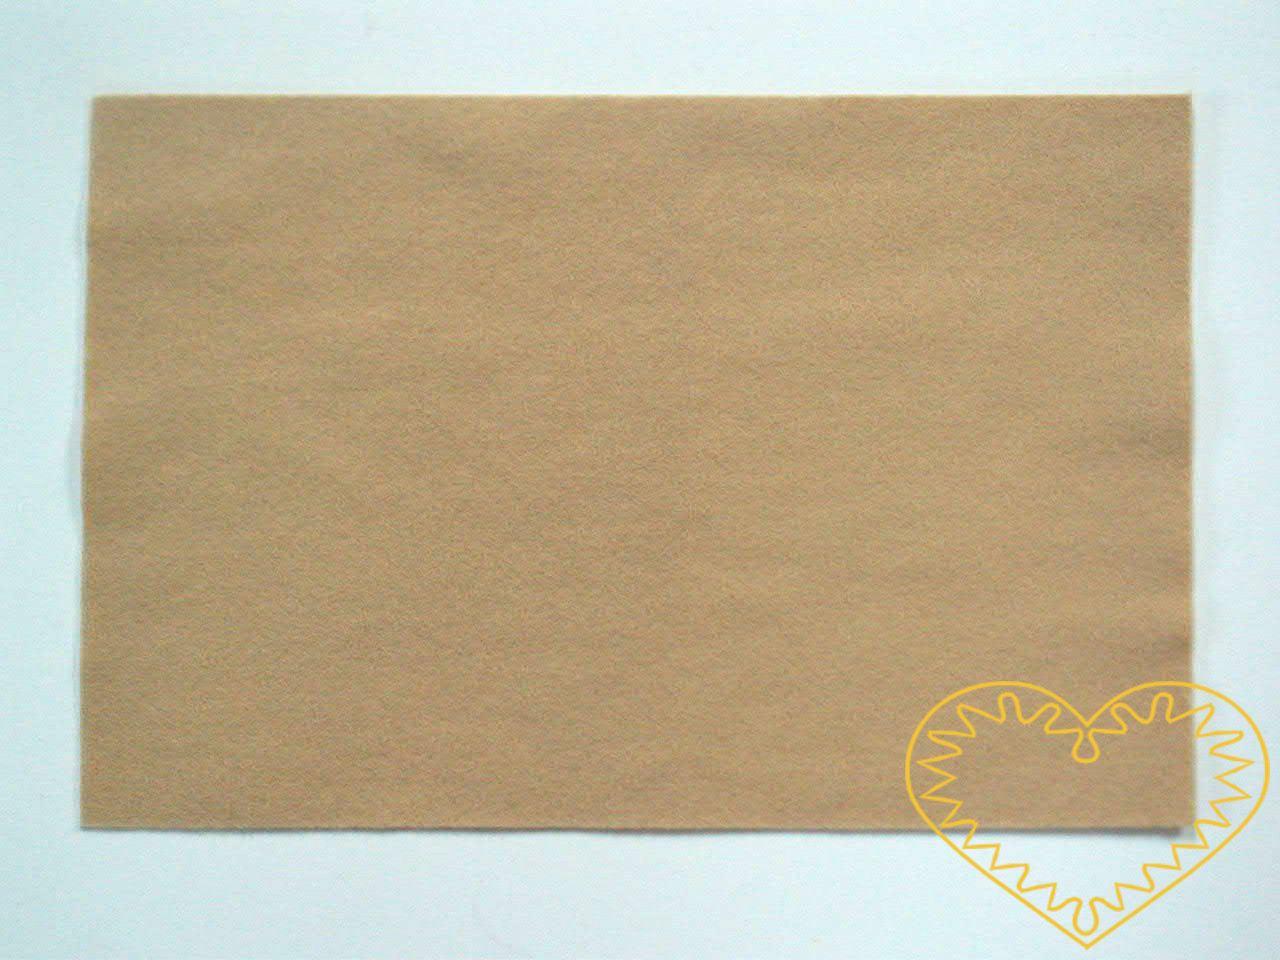 Tmavě tělová plsť - dekorační filc 30 x 20 cm - 1 ks. Vhodné k výrobě aplikací, přáníček, výseků a výřezů, k vytváření figurek, maňásků či různých dekorací.